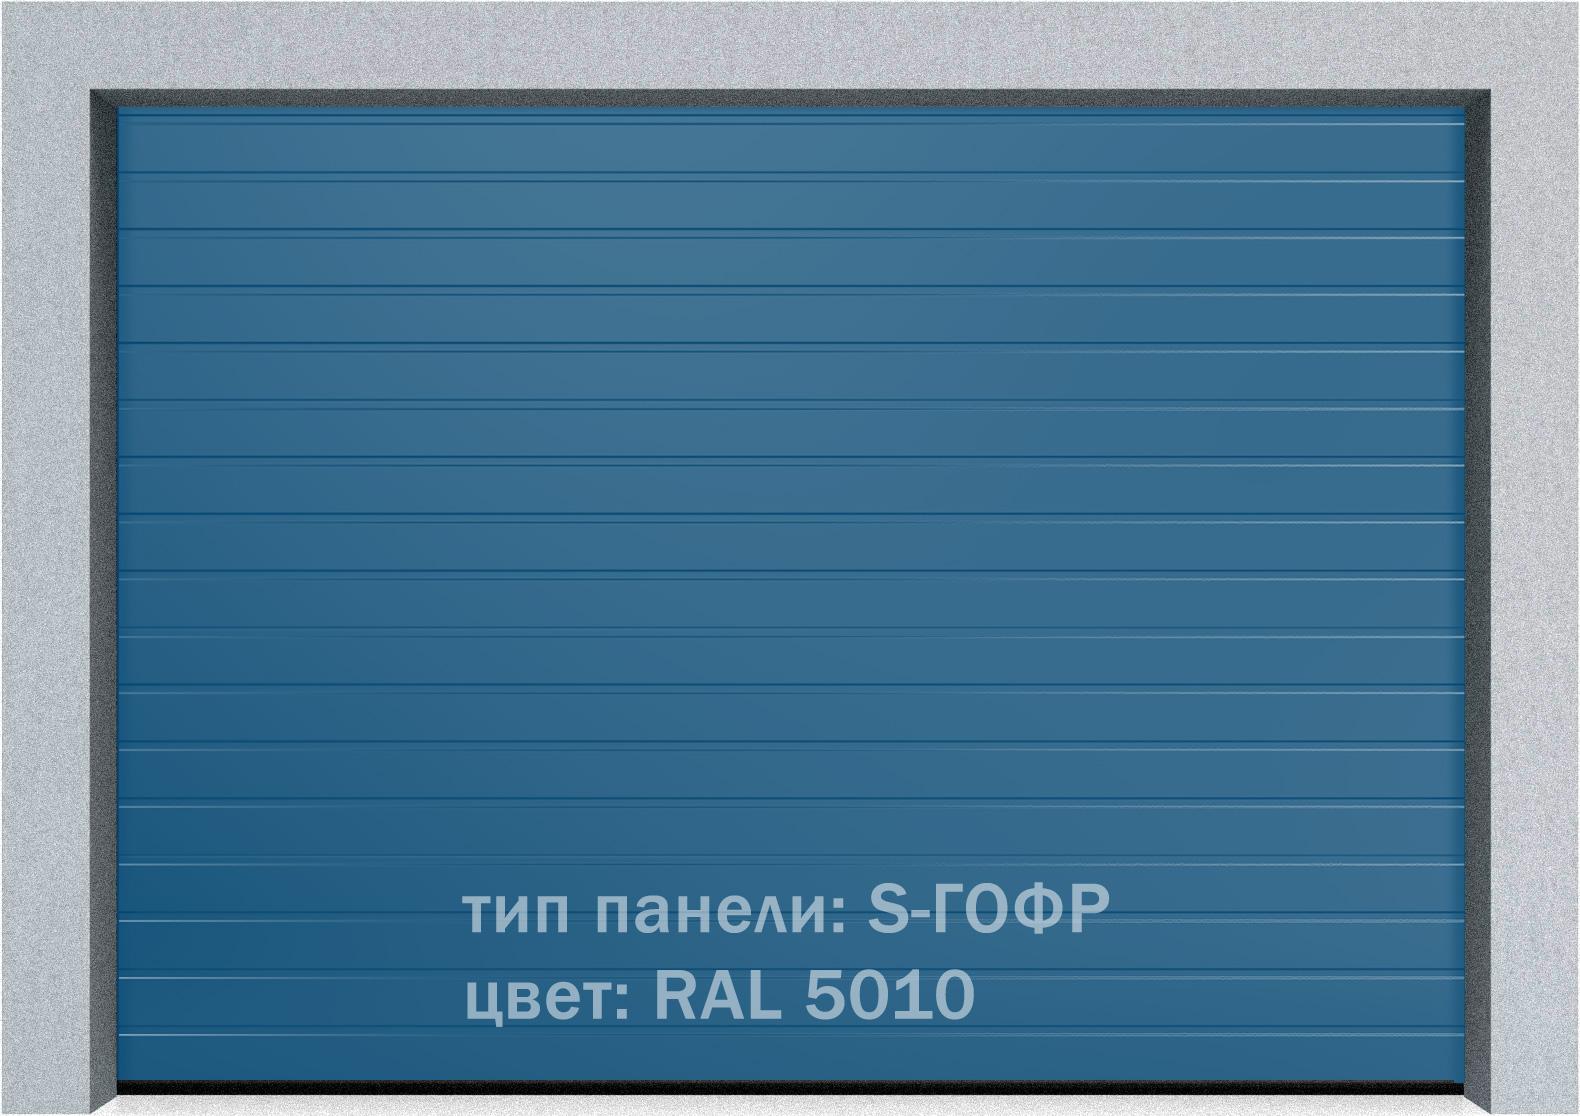 Автоматические секционные промышленные ворота Hormann SPU F42 1500х1875 S-гофр, Микроволна стандартные цвета, фото 2